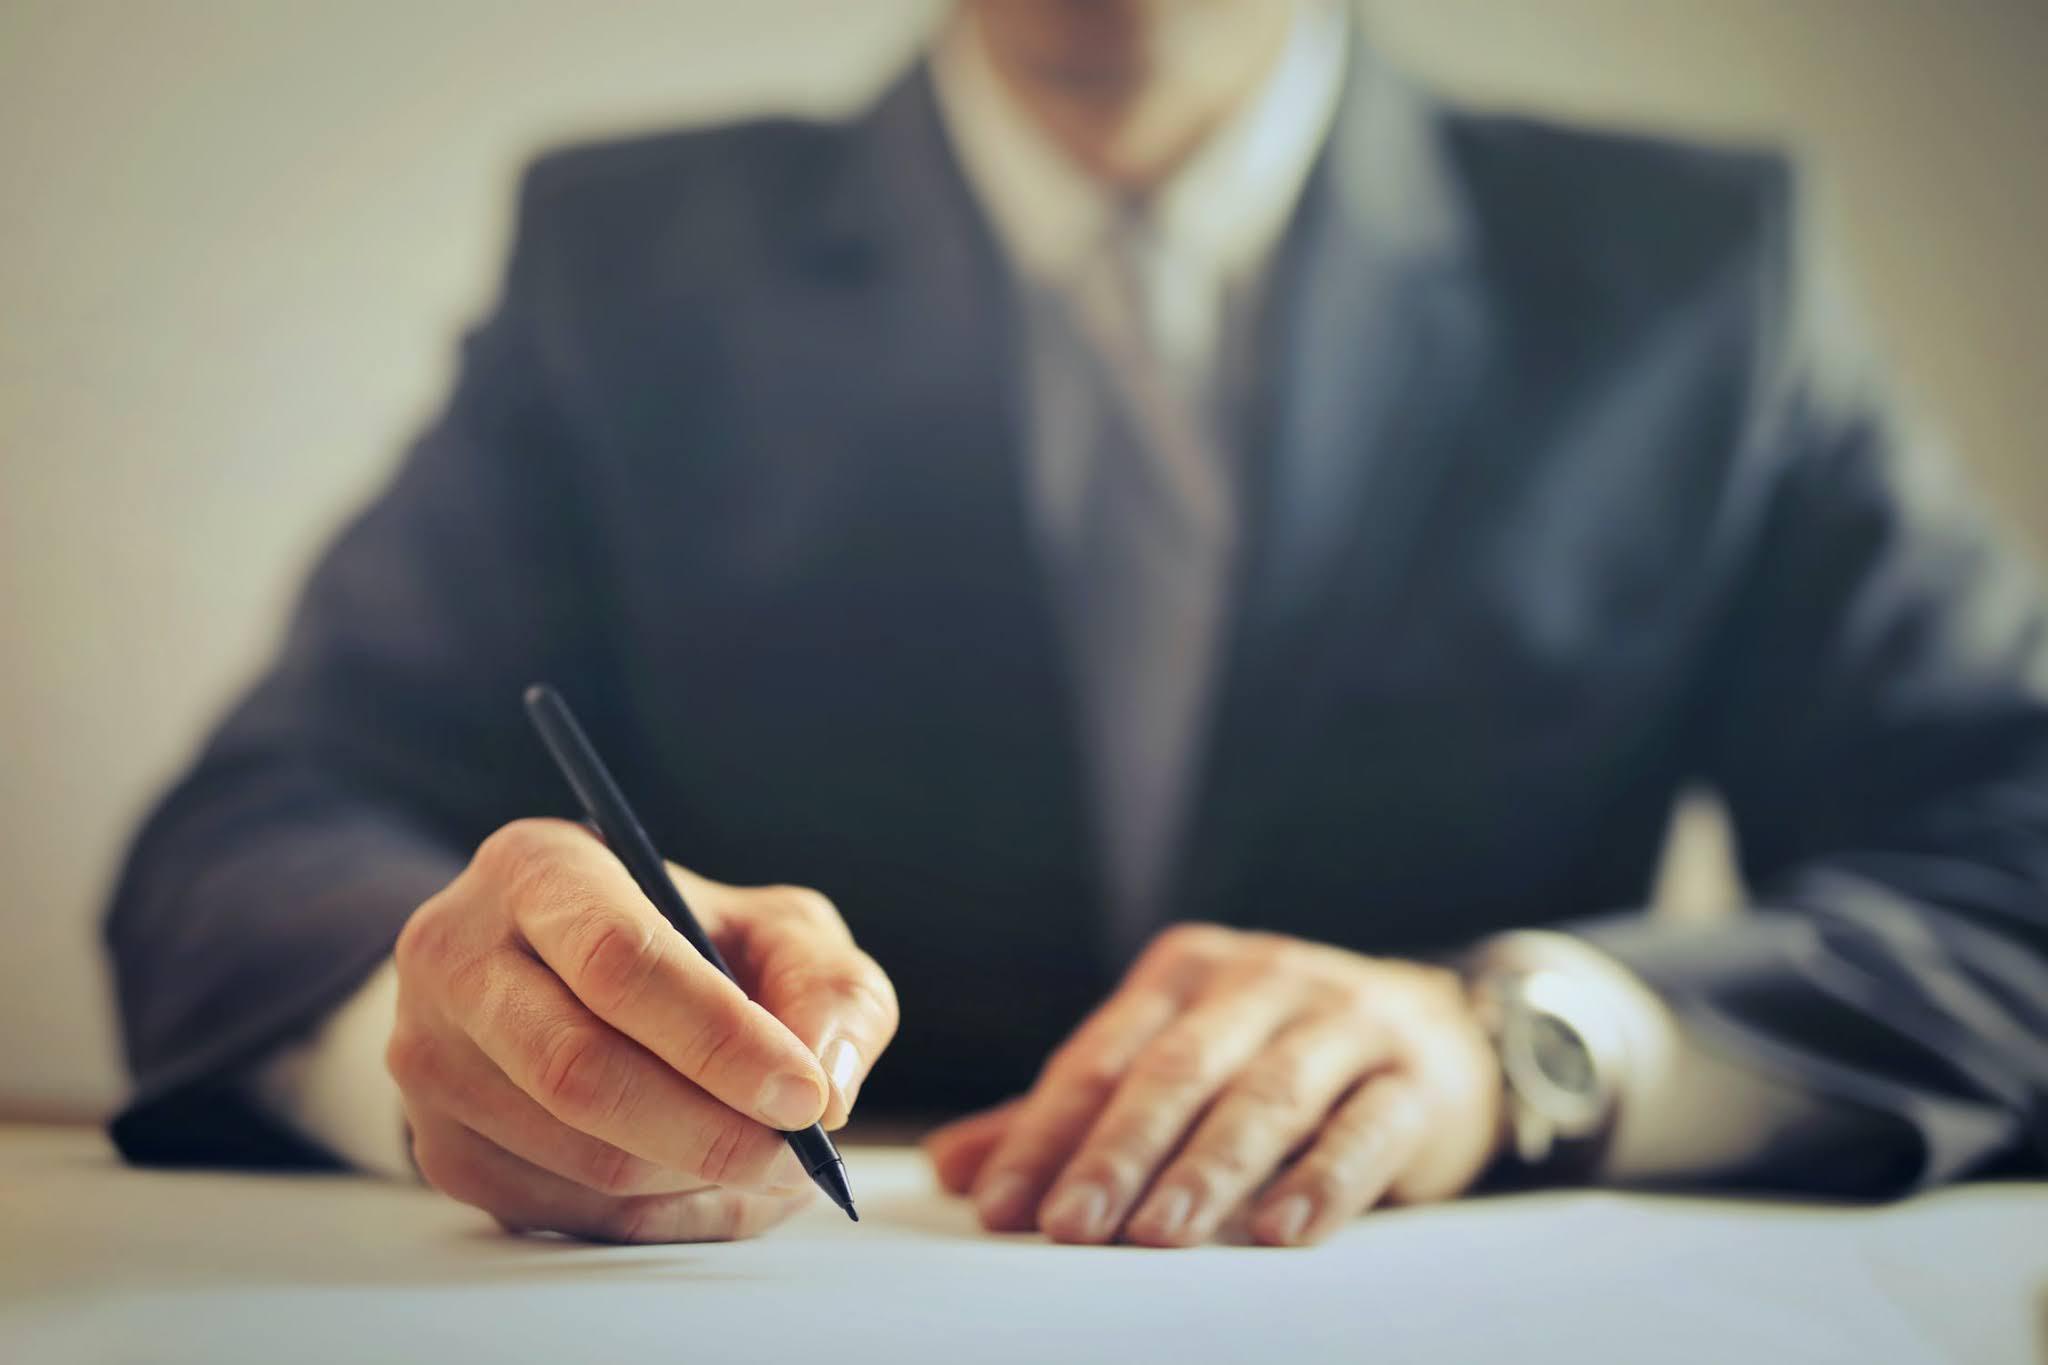 Dlaczego warto korzystać z porad prawnych?